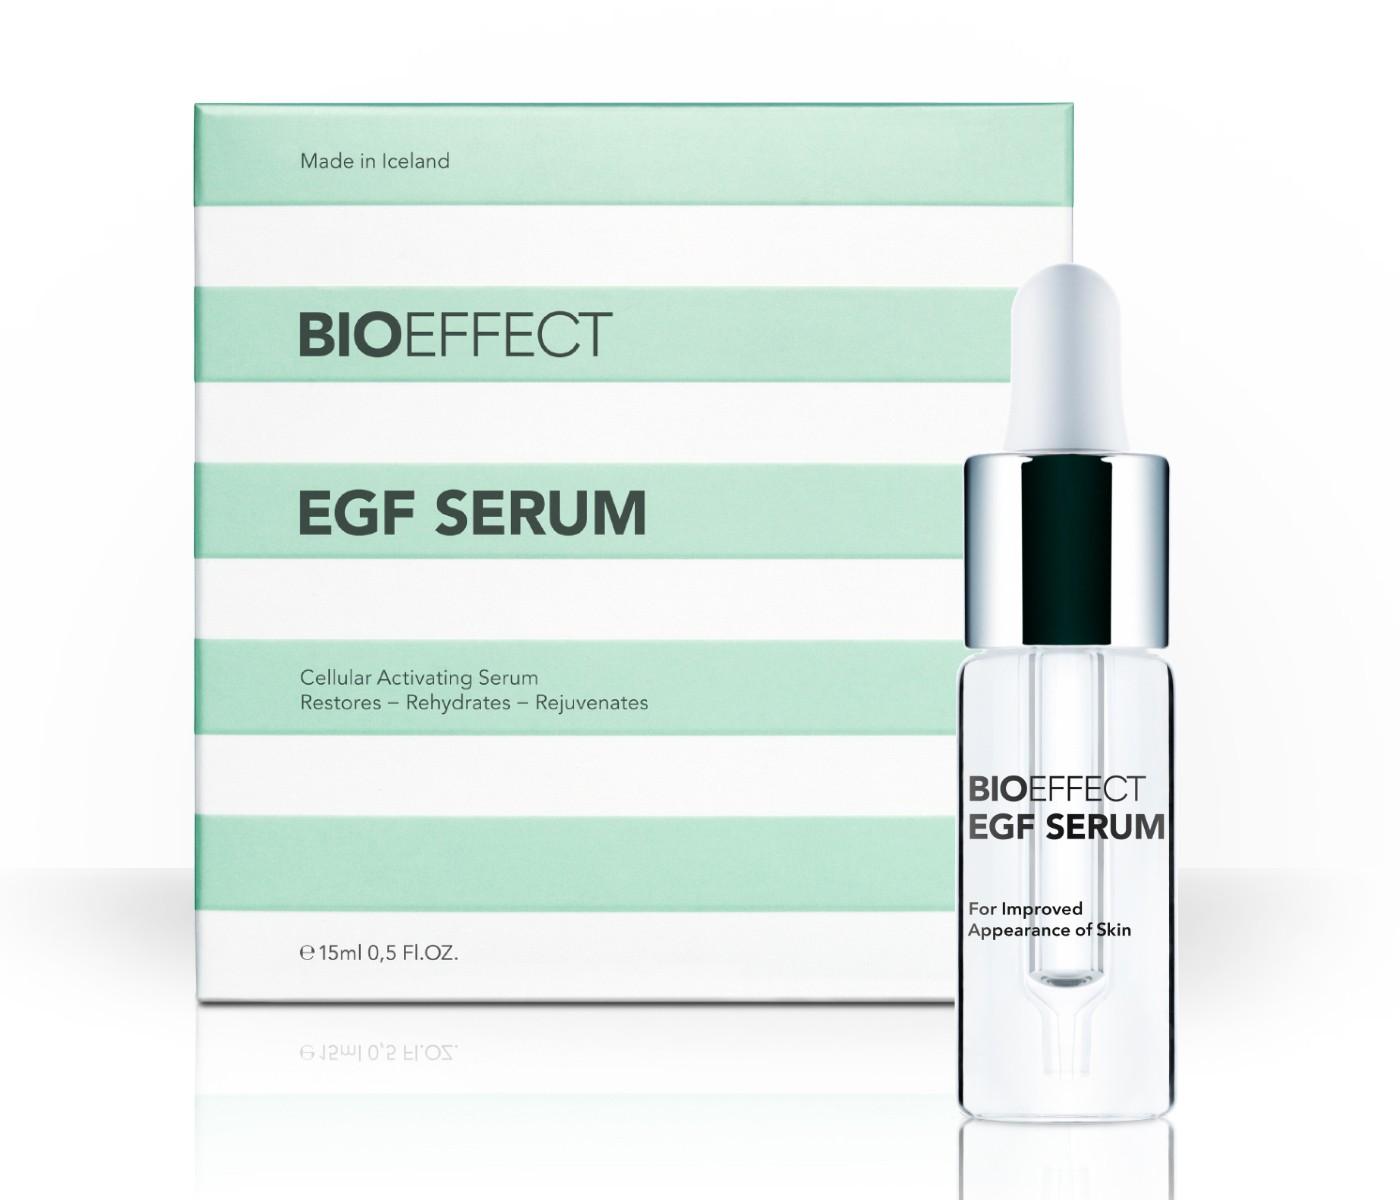 egf_serum_1_2